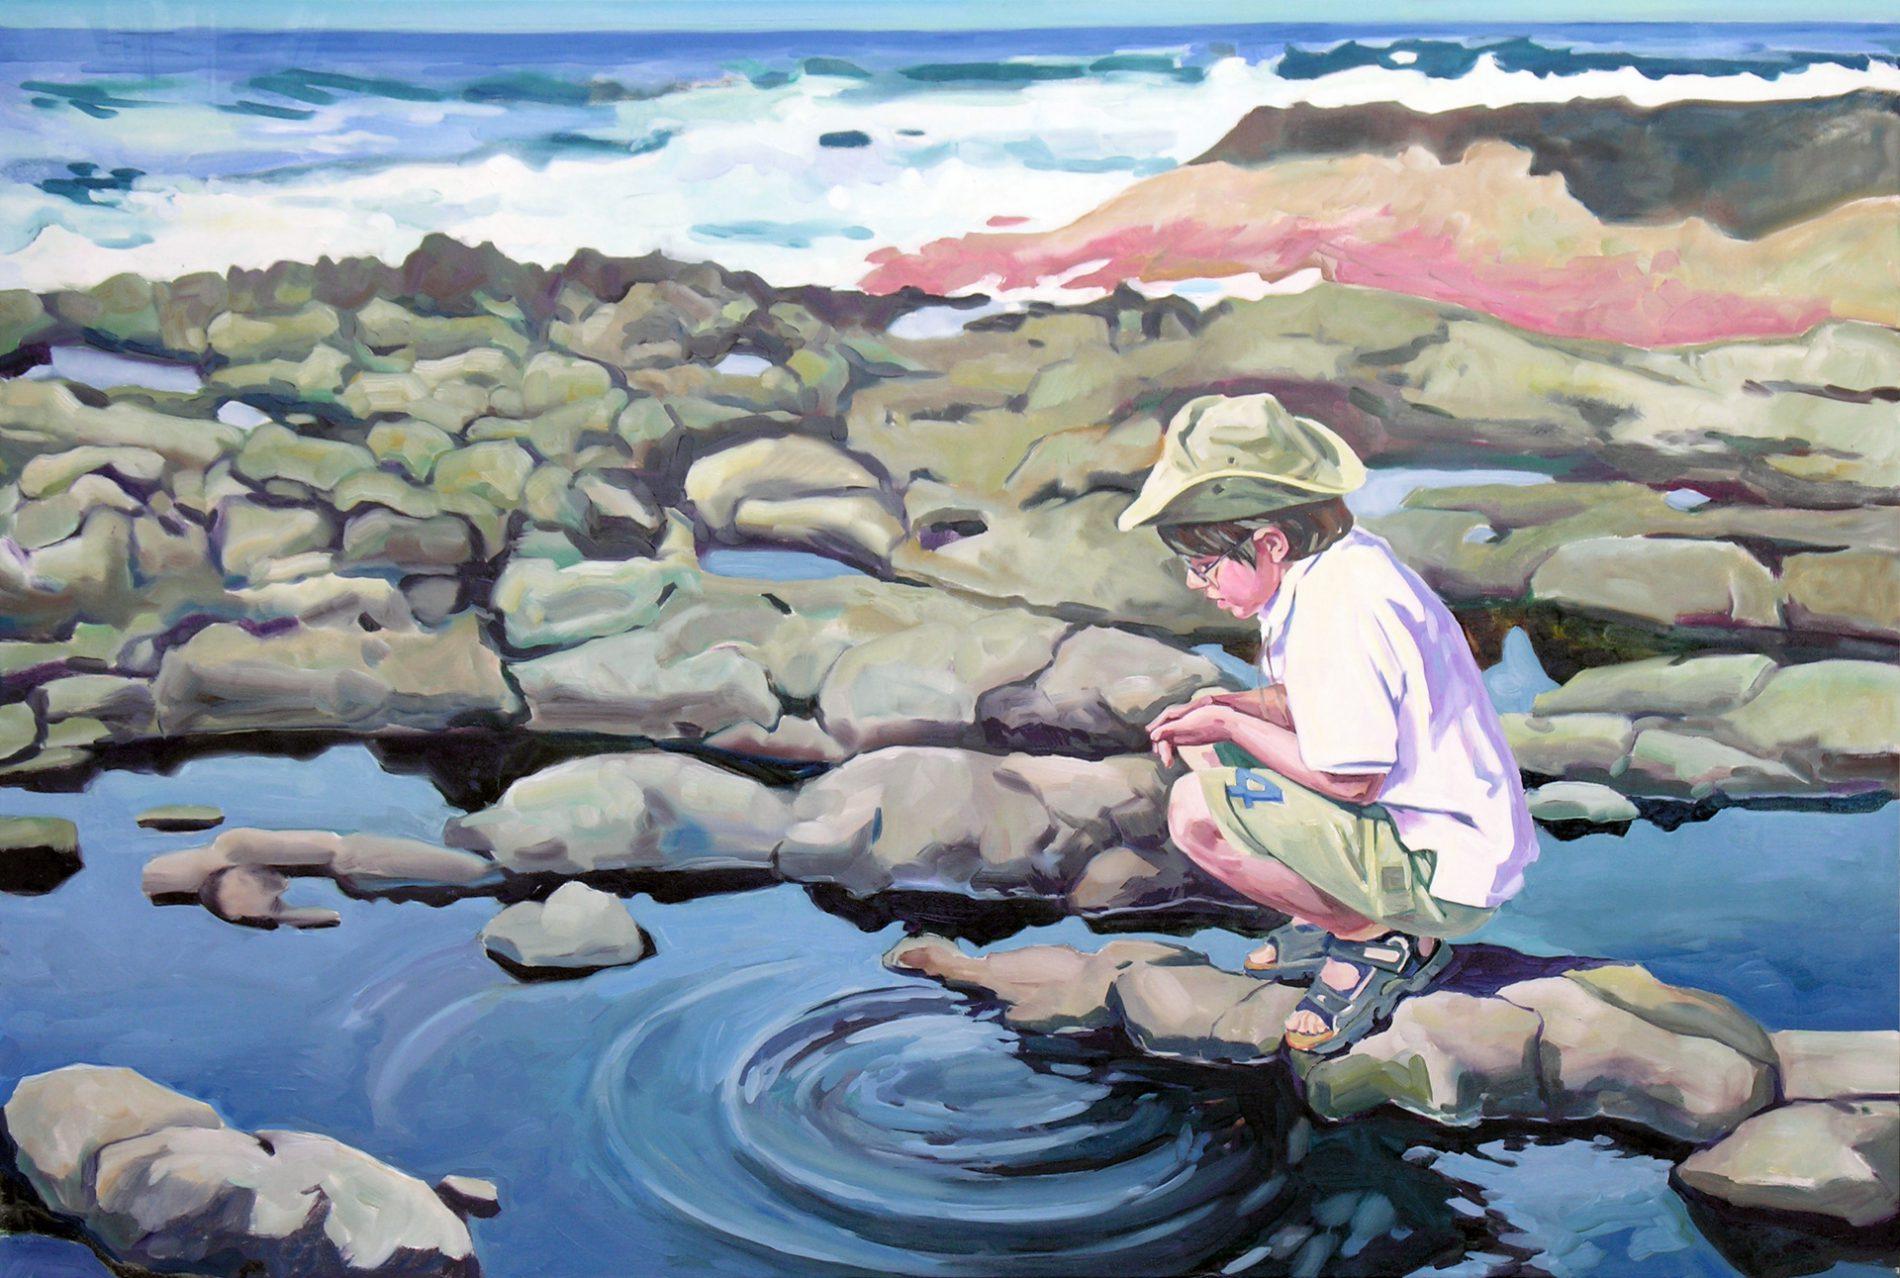 Gemälde von Julia Belot: Wasserringe, Öl auf Leinwand, 120 cm x 180 cm, 2007, La Palma, Kanarische Inseln